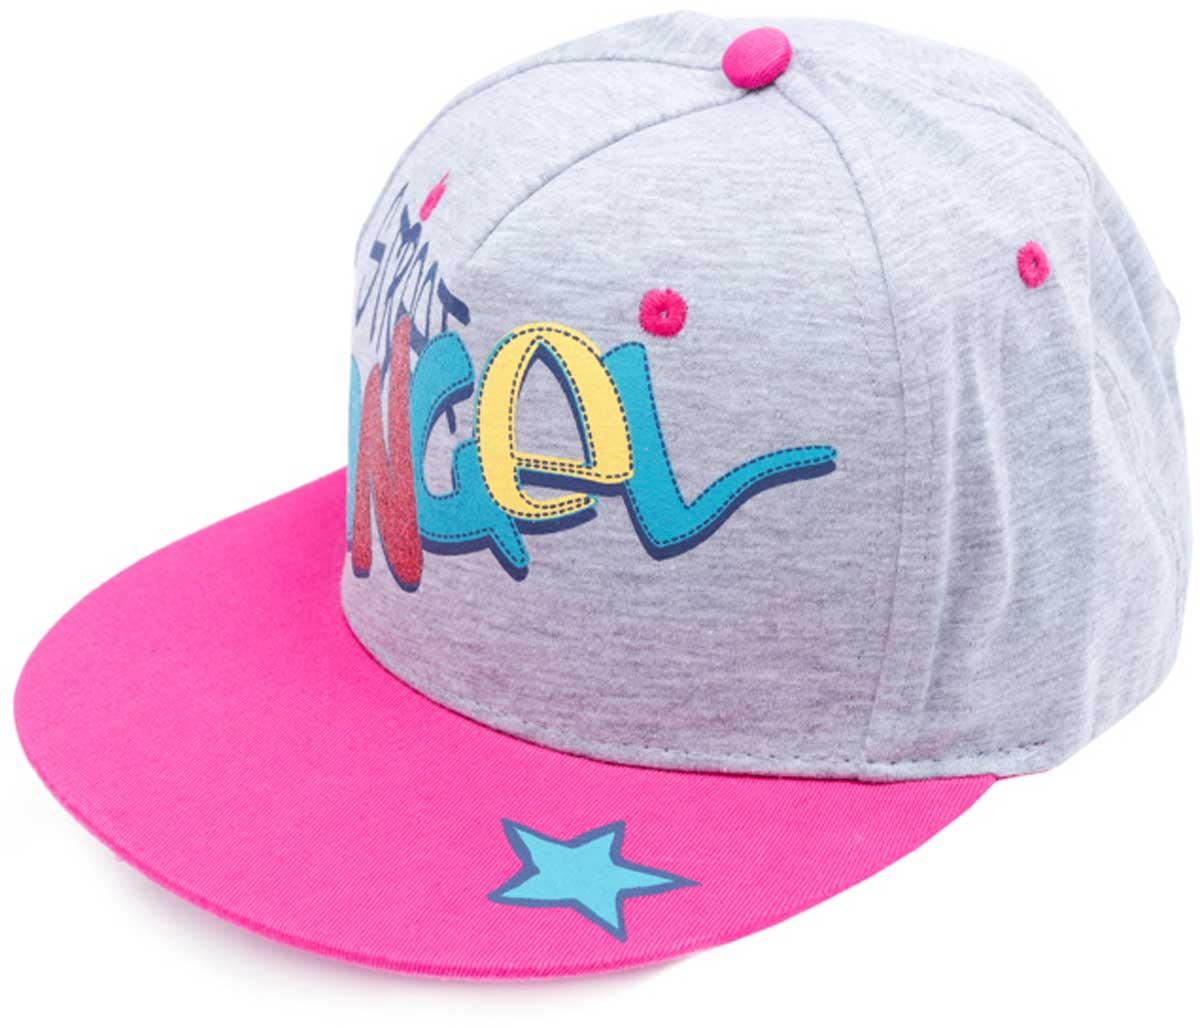 Бейсболка для девочки PlayToday, цвет: светло-серый, розовый, голубой, желтый. 179016. Размер 52179016Модная кепка - бейсболка из натурального хлопка и полиэстера понравится вашему ребенку. Модель с эффектной аппликацией.